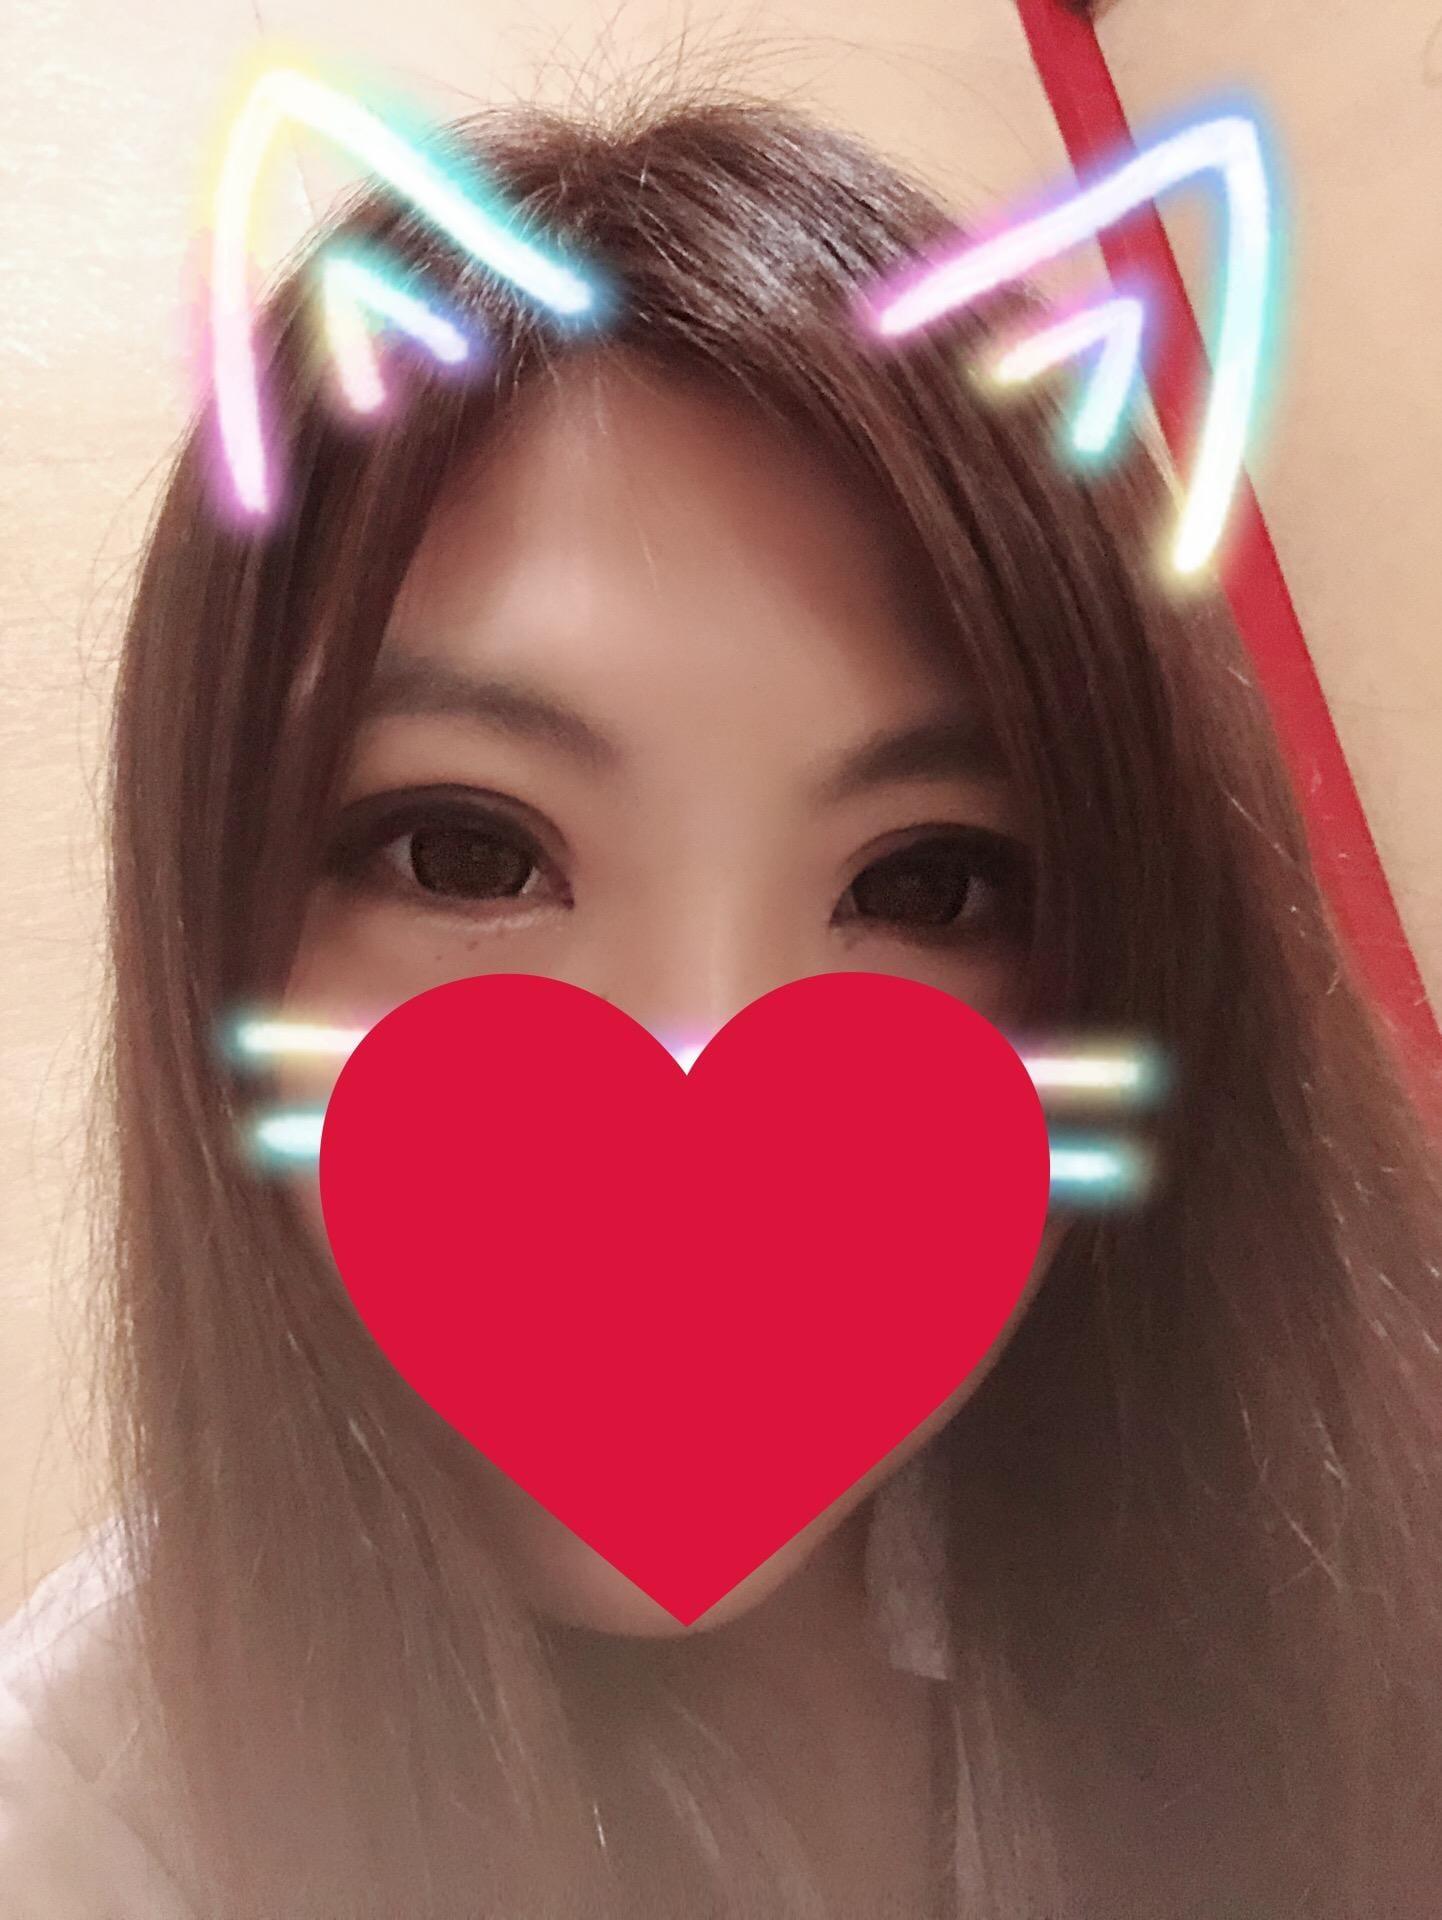 「ありがとう!!」09/21(金) 00:53   しおりの写メ・風俗動画